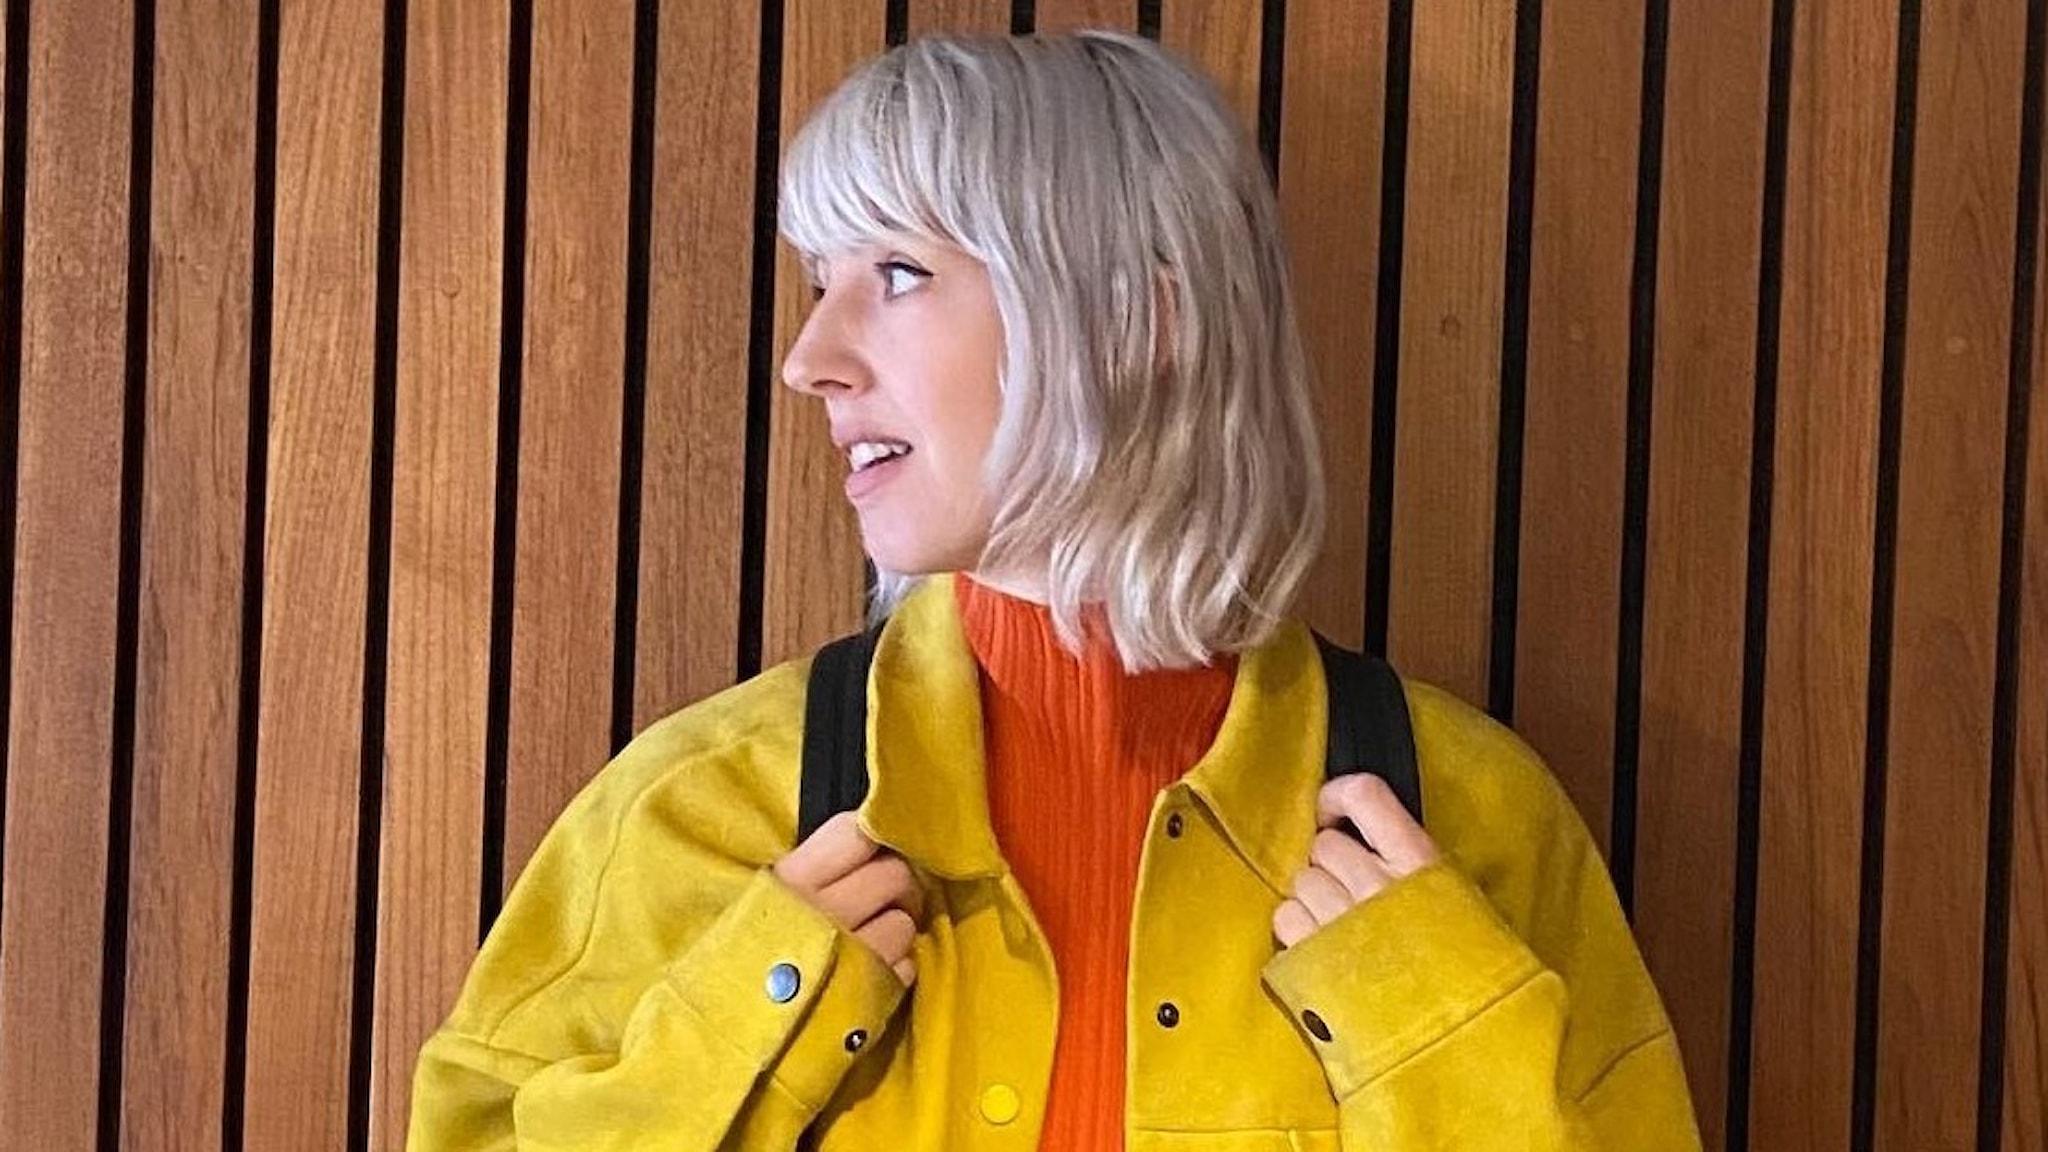 Artisten Veronica Maggio i färgstarka kläder intill en trävägg.